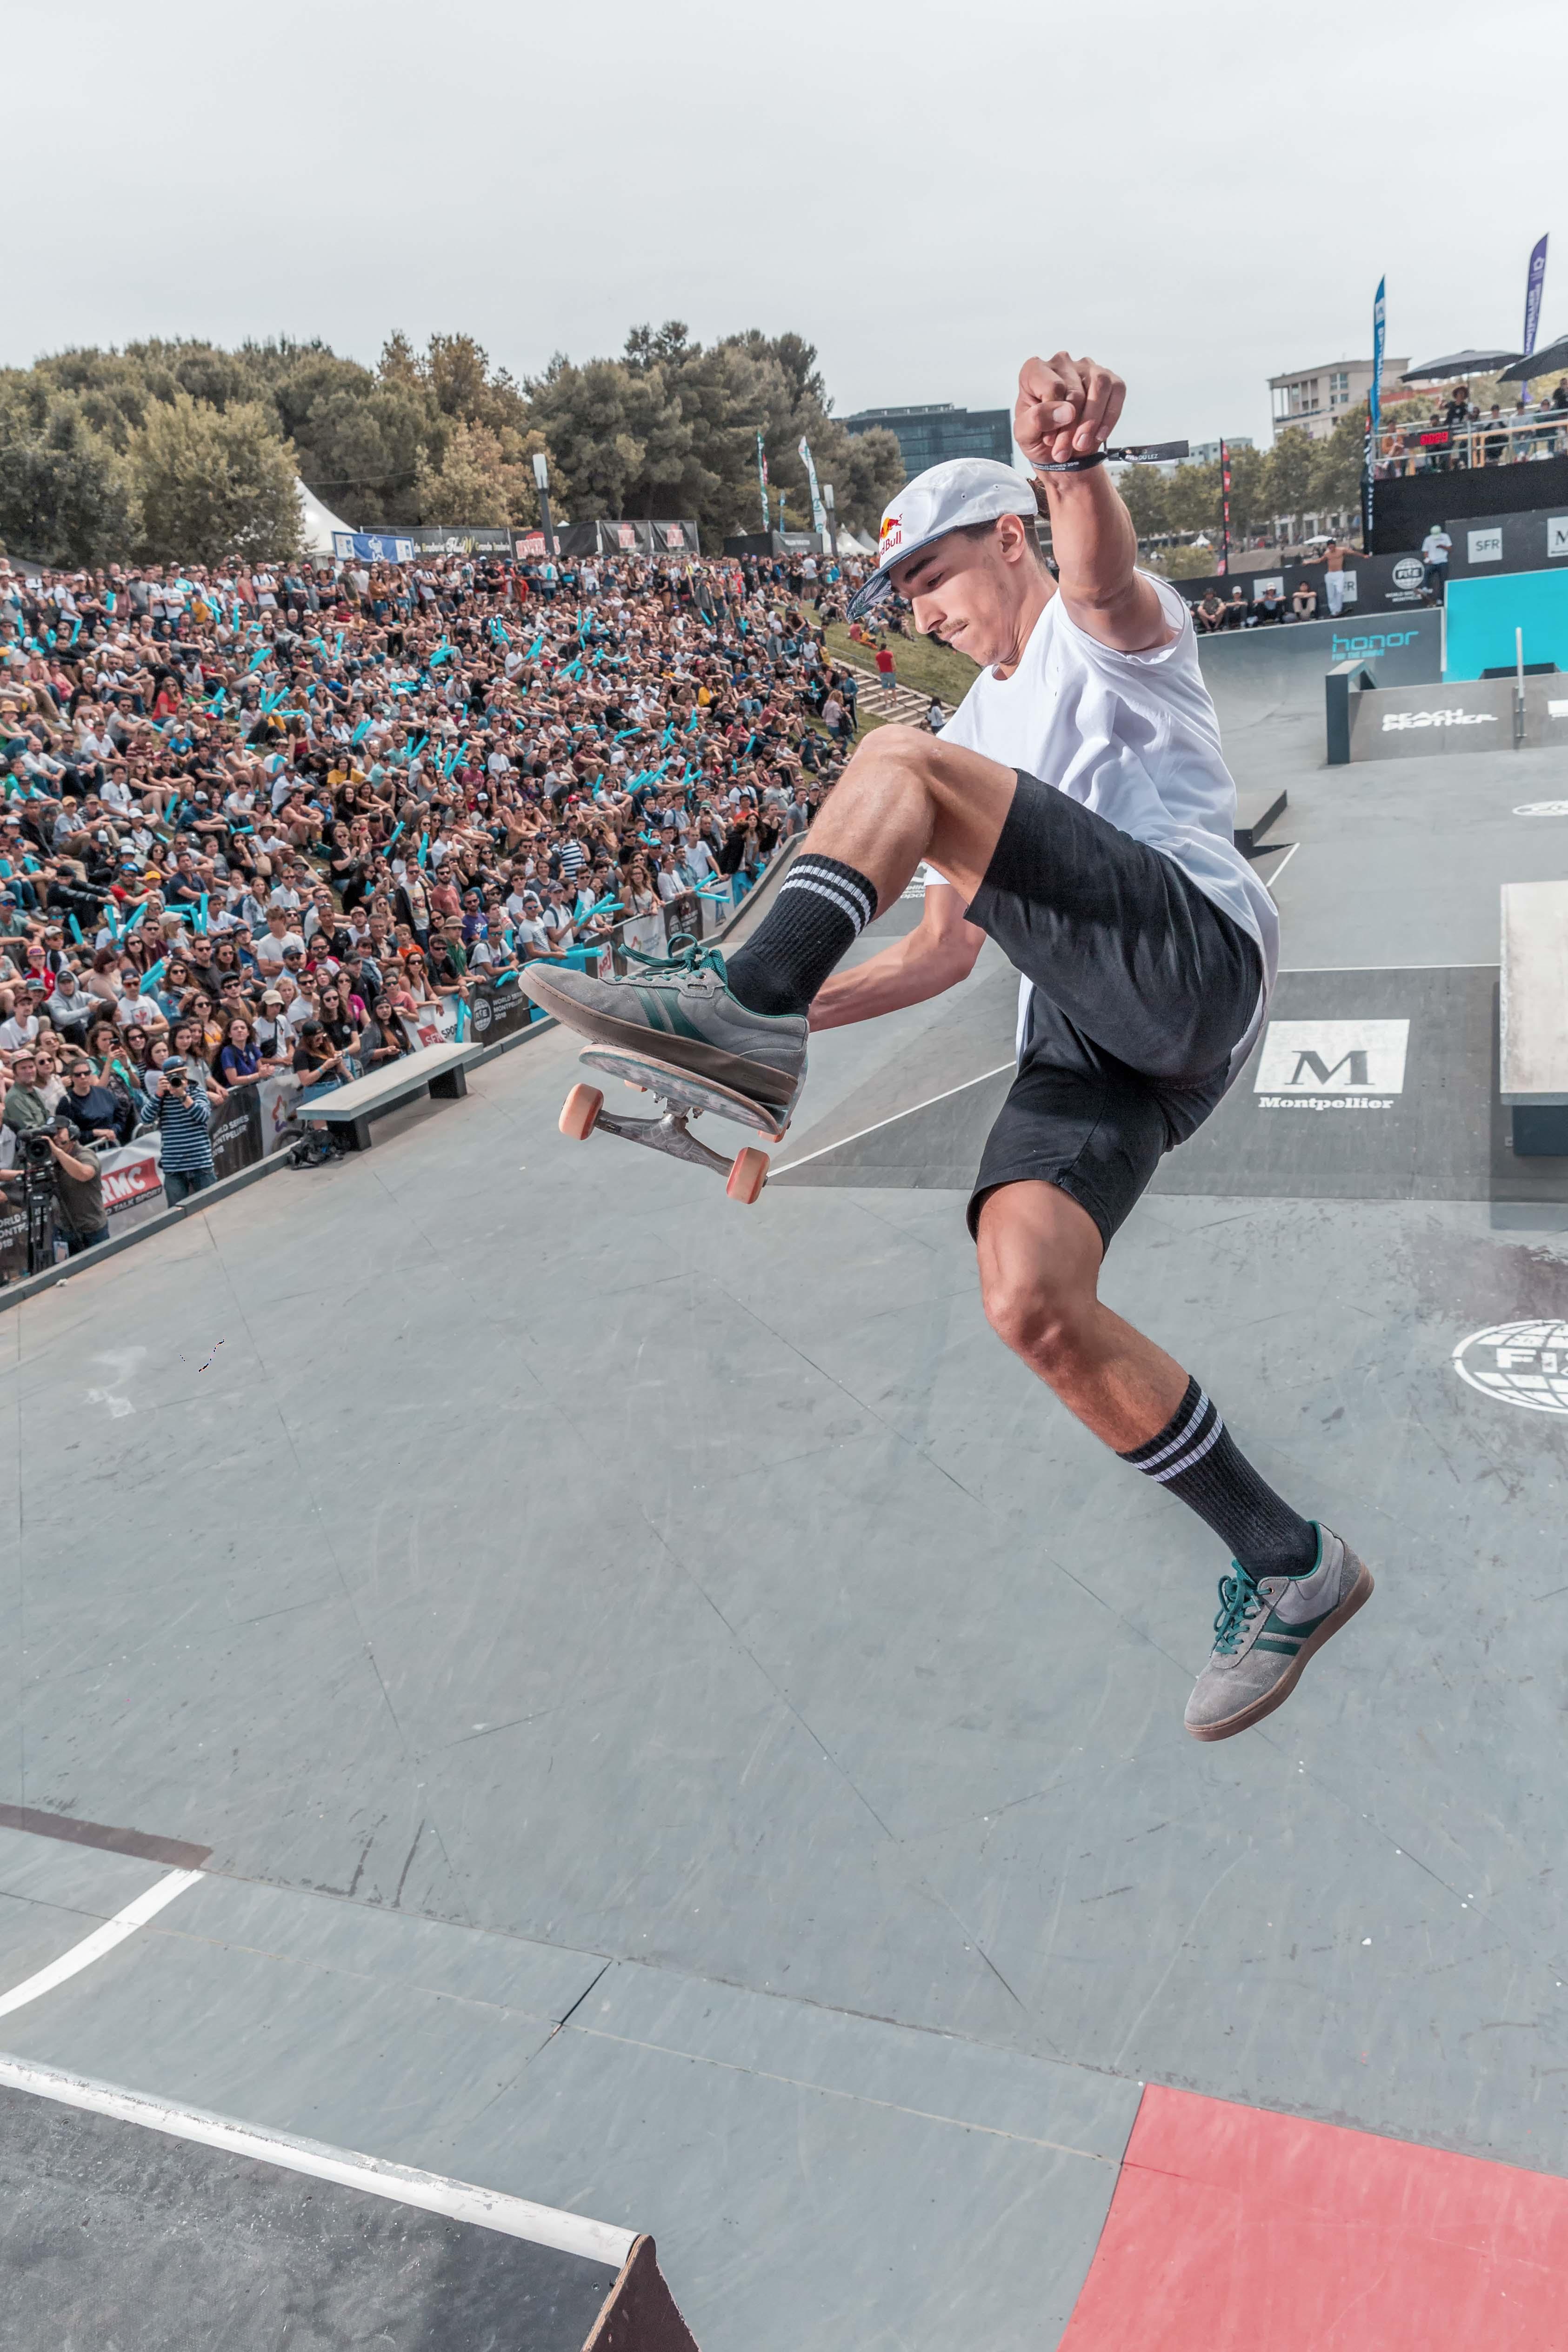 fise montpellier american socks skate danny leon